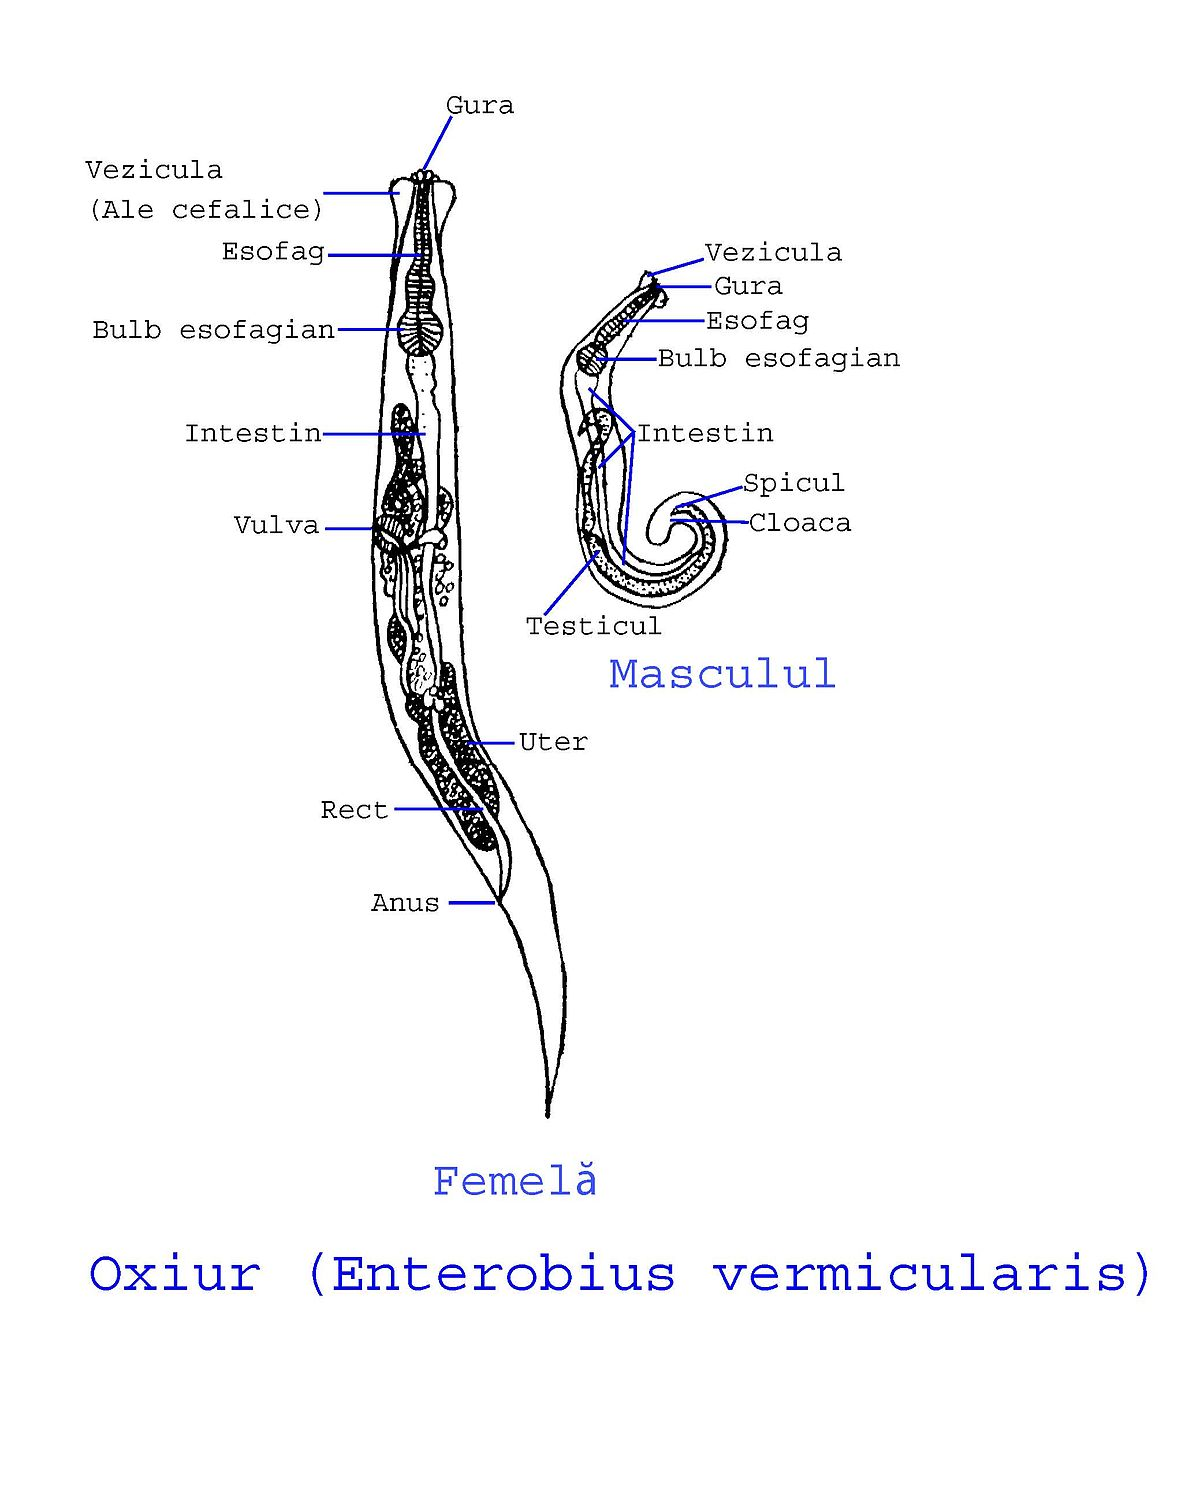 Nome cientifico do oxiurus